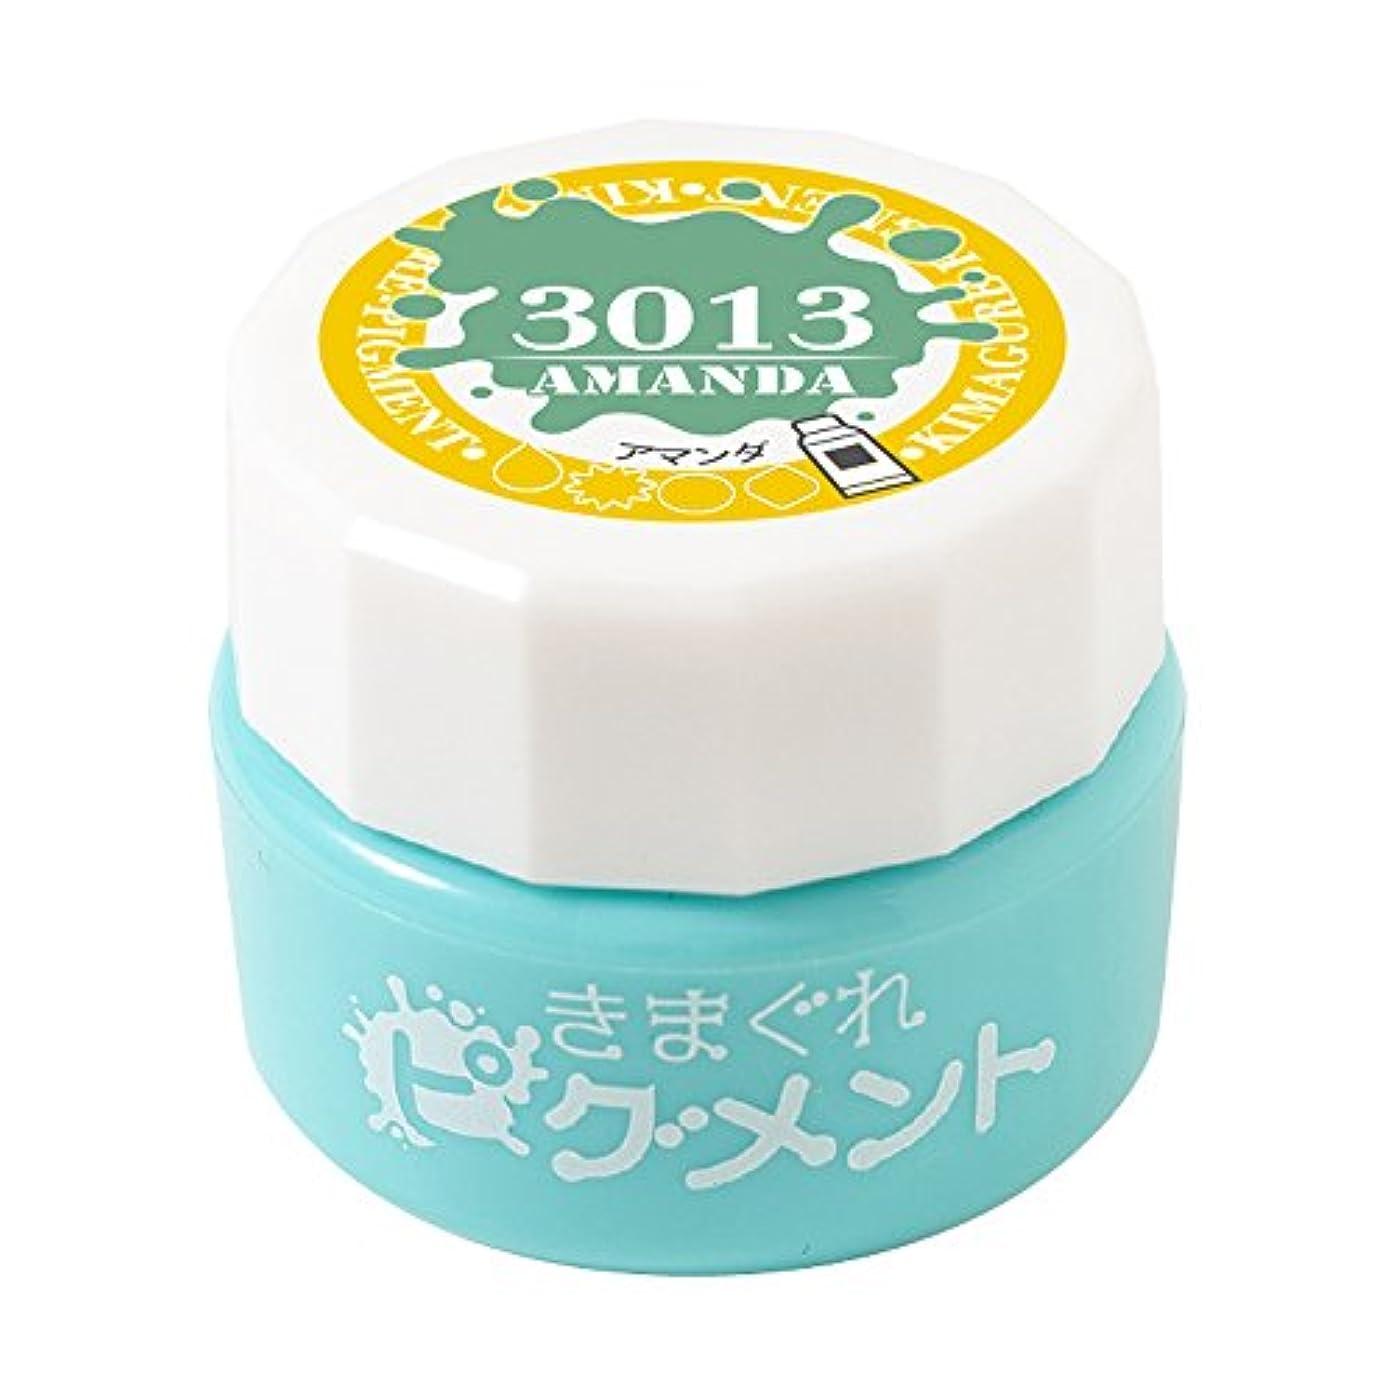 Bettygel きまぐれピグメント アマンダ QYJ-3013 4g UV/LED対応